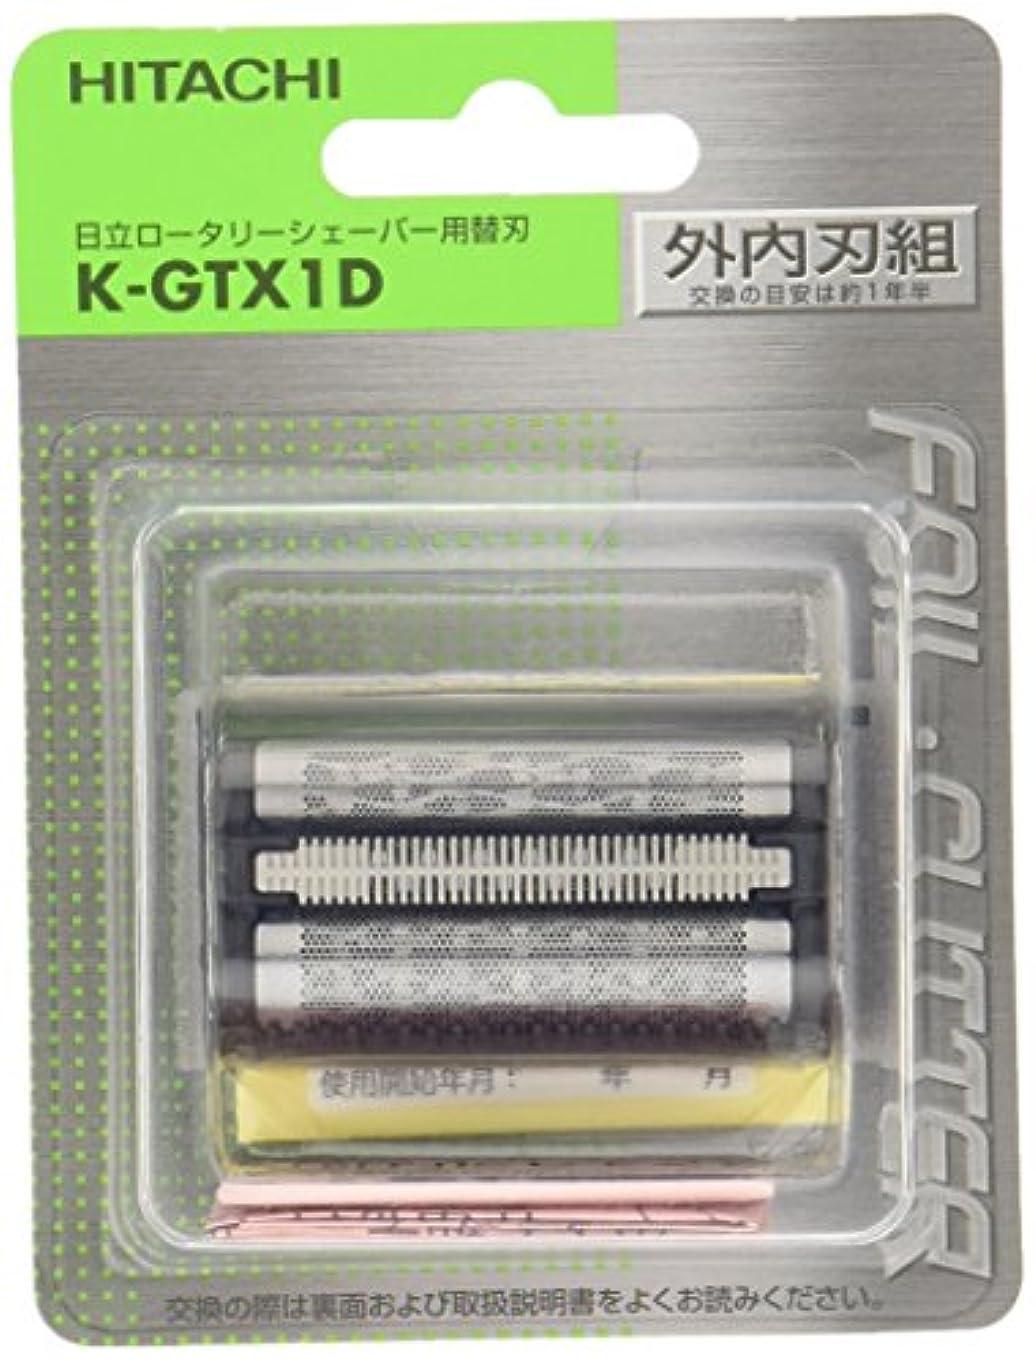 ハック不平を言うインスタンス日立 メンズシェーバー替刃(外刃?内刃) K-GTX1D